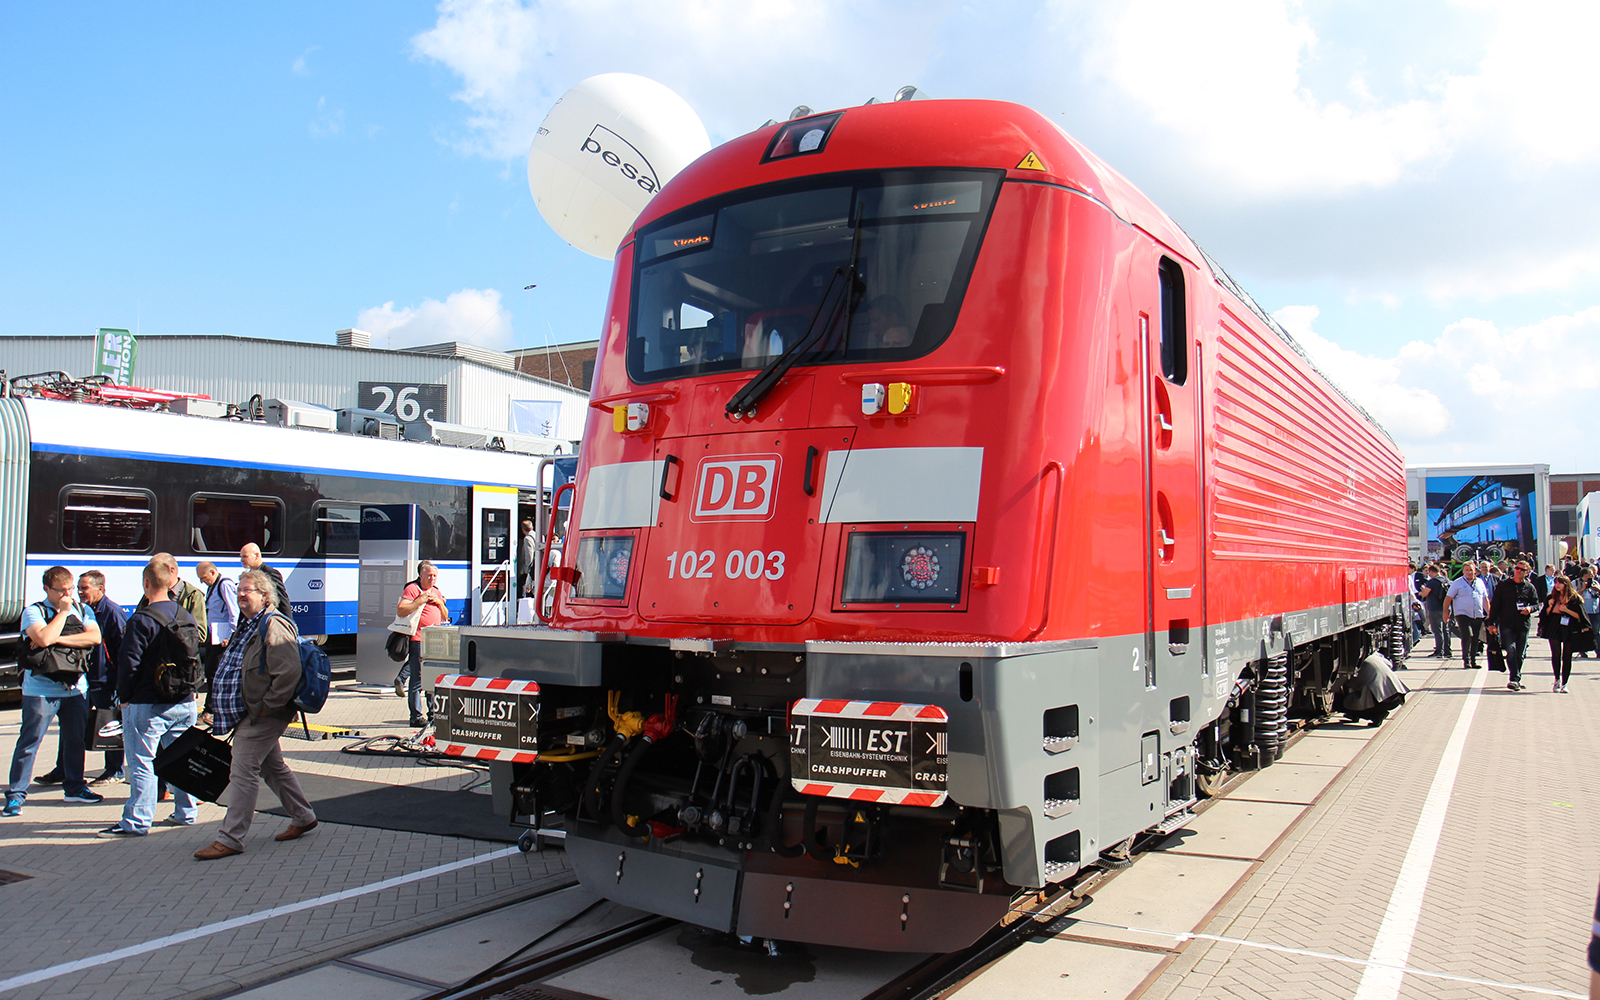 Foto: Die INNOTRANS in Berlin ist wie immer ein beliebter Treffpunkt aller, die Eisenbahn leben und lieben. Auch ralmen ist immer wieder vor Ort, und die Lokführer von railmen sowieso. railmen-Lokführer Jan Krehl fotografierte auf der INNOTRANS diese, schicke neue Schnellzuglokomotive von SKODA mit dem stolzen Namen